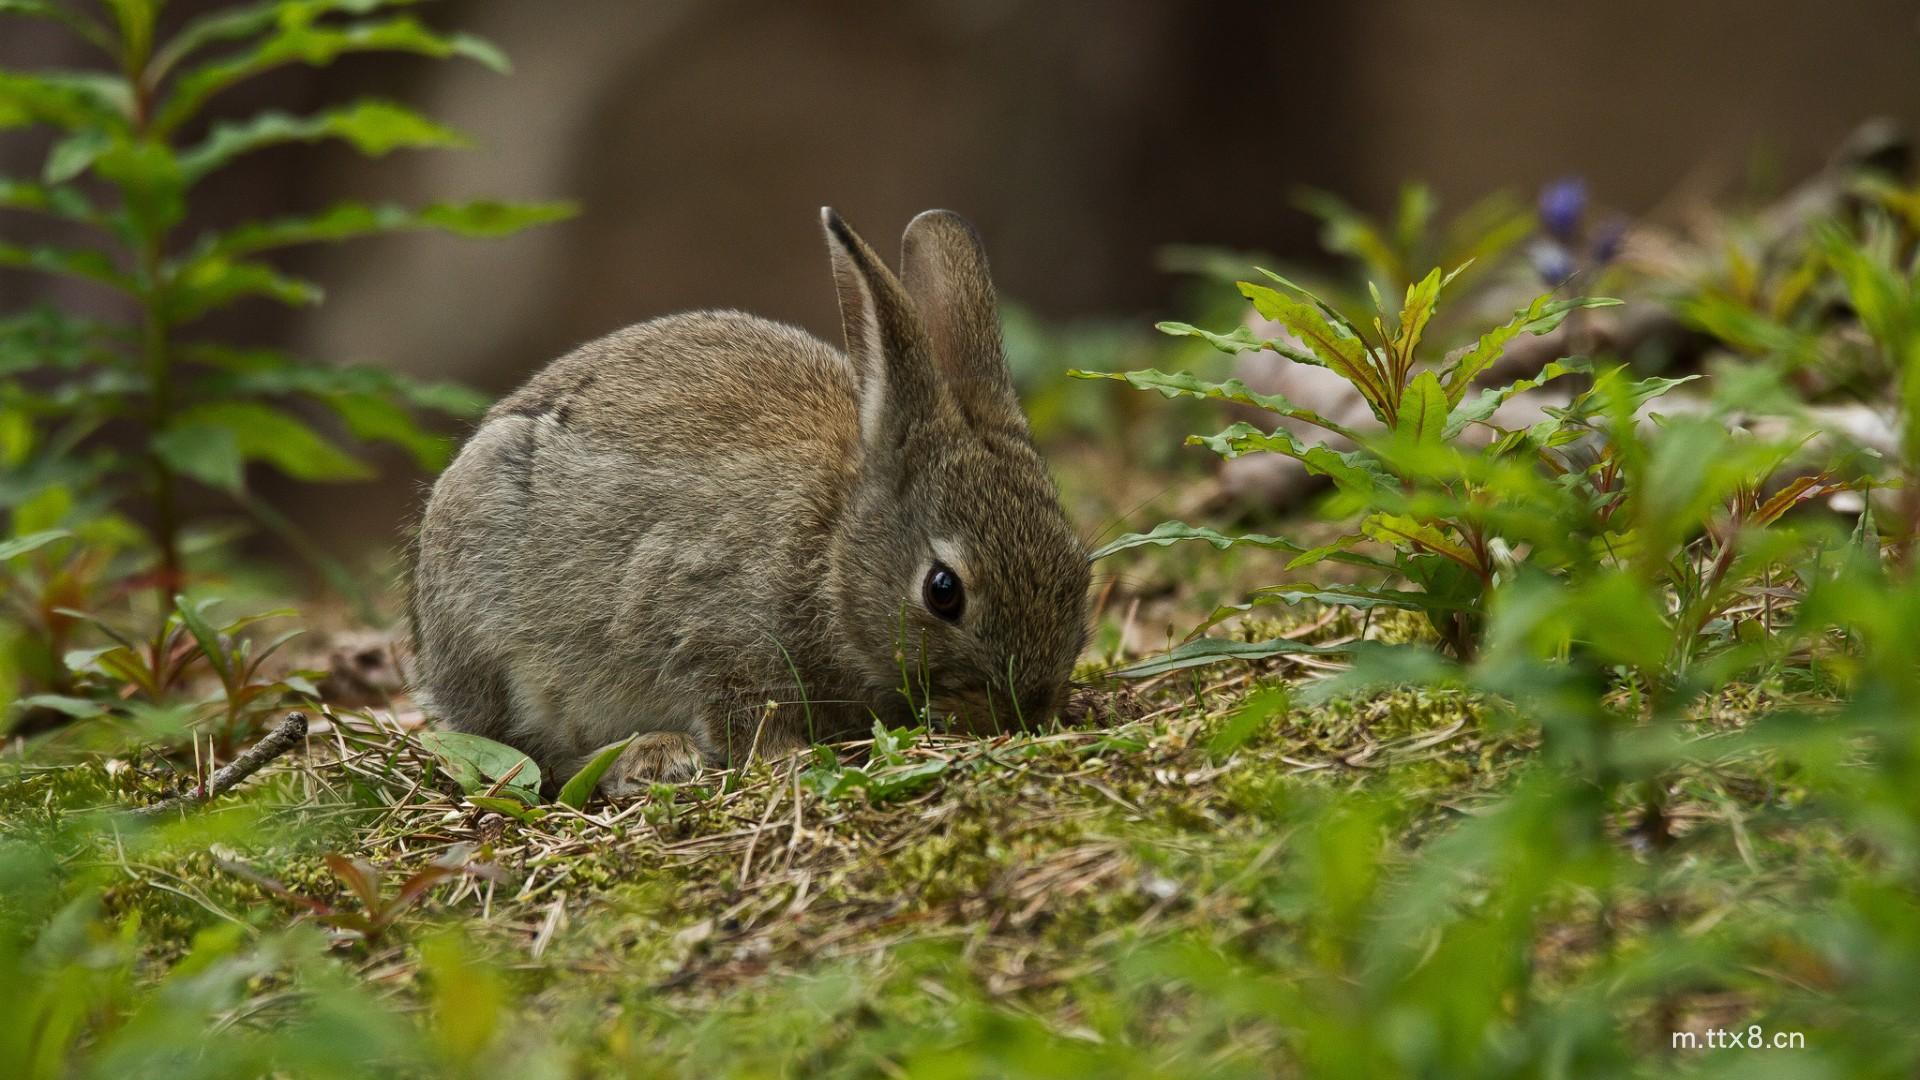 草地,灰色兔子,绿色植物,可爱兔子壁纸(1920x1080).jpg